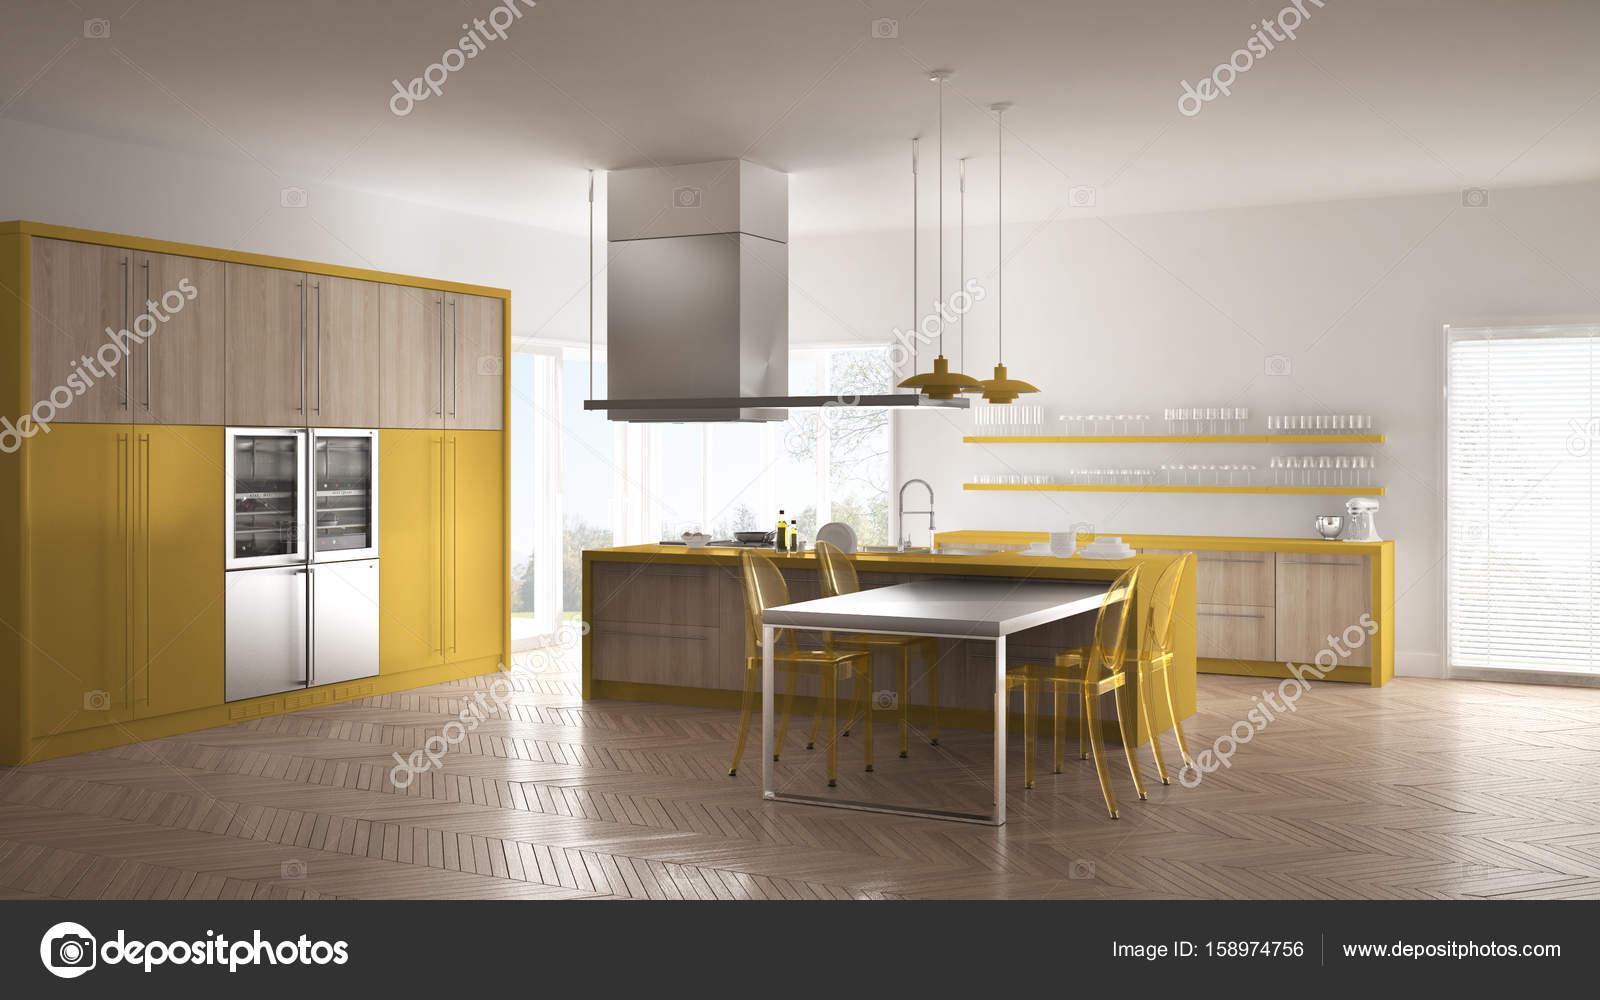 Parkett Küche | Minimalistische Moderne Kuche Mit Tisch Stuhlen Und Parkett